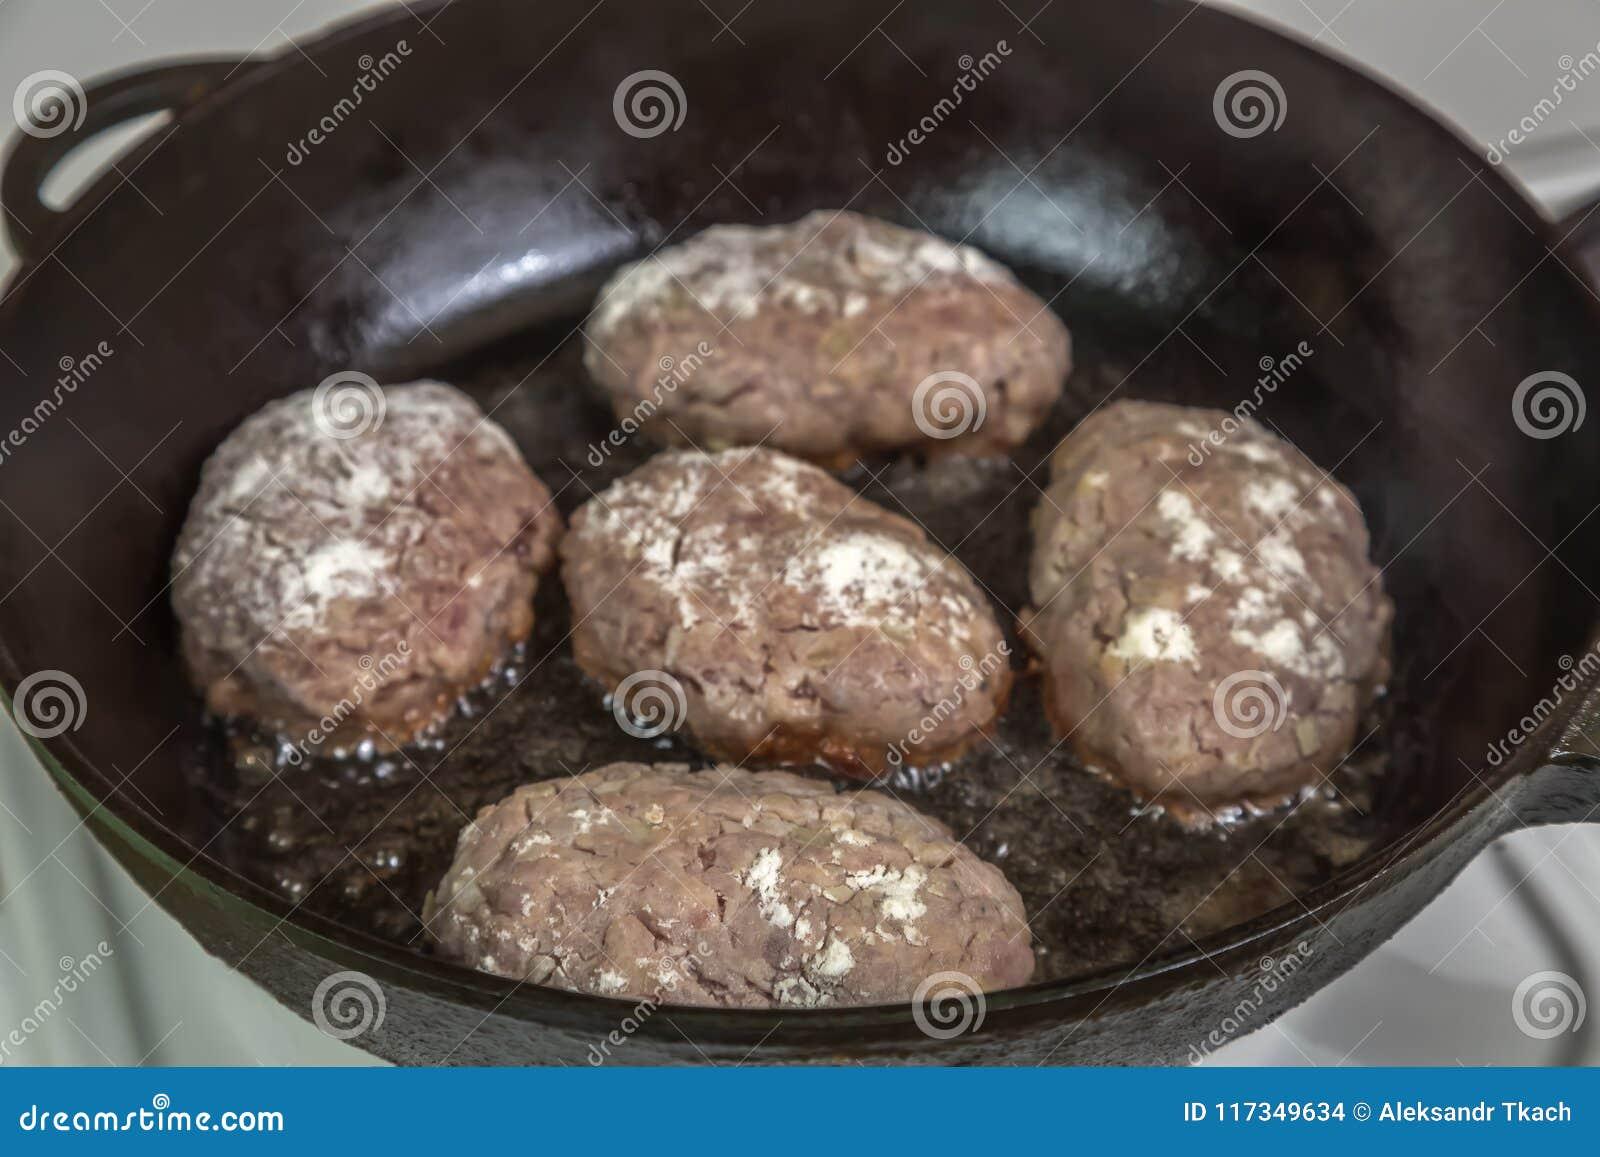 Σπιτικά cutlets του κρέατος κατά τη διάρκεια του μαγειρέματος στο τηγάνι